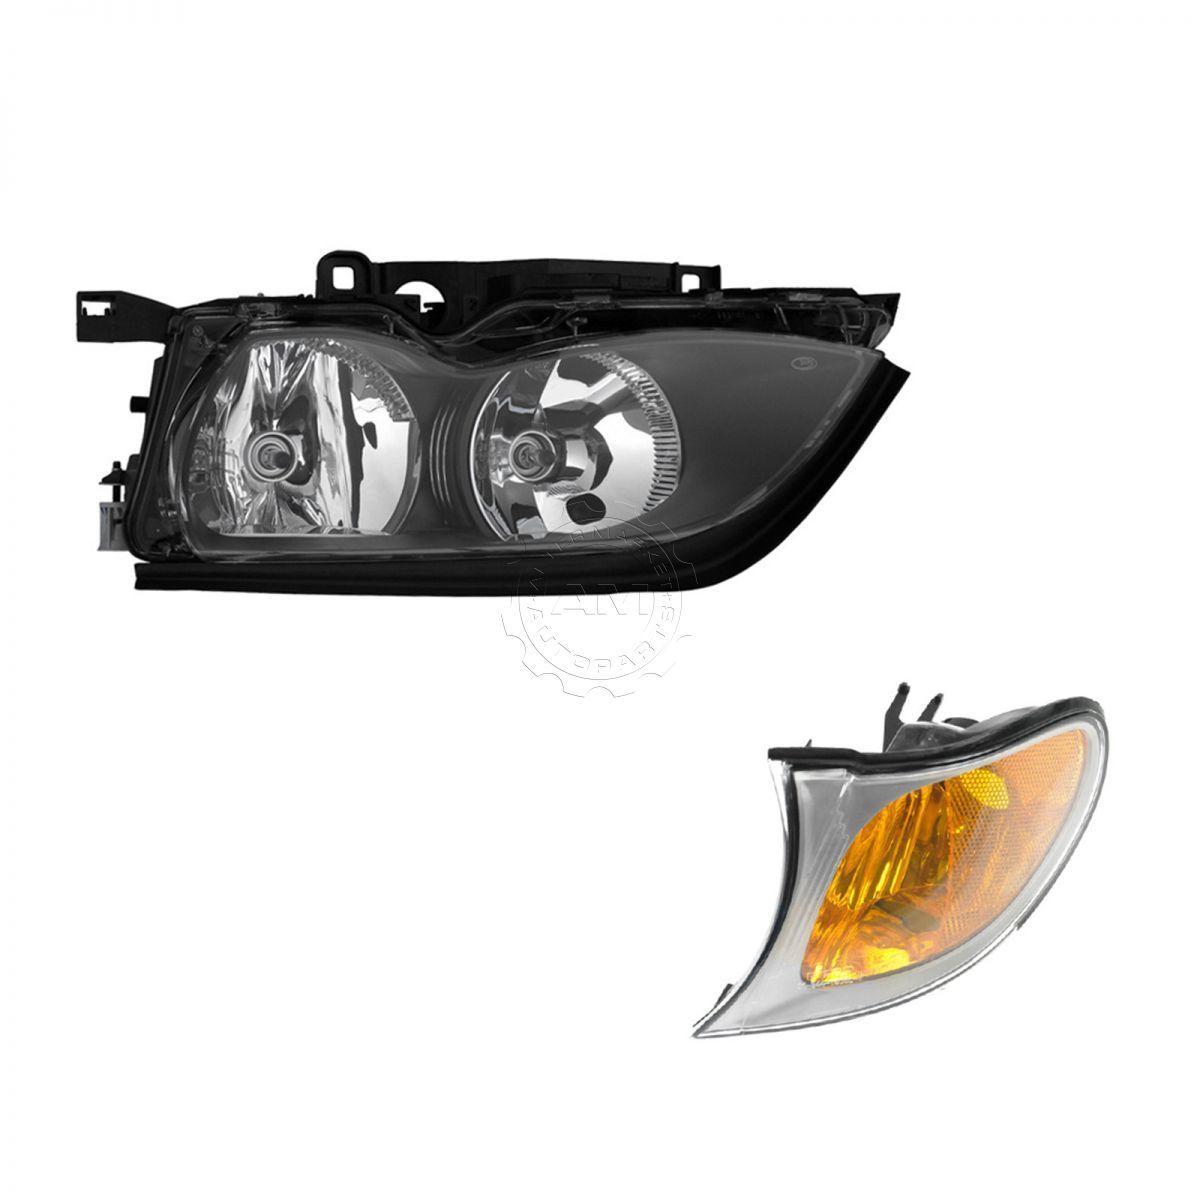 コーナーライト Headlight and Corner Light with Chrome Trim LH Driver for BMW 320i 325i 330i BMW 320i 325i 330i用クロムトリムLHドライバ付きヘッドライトとコーナーライト